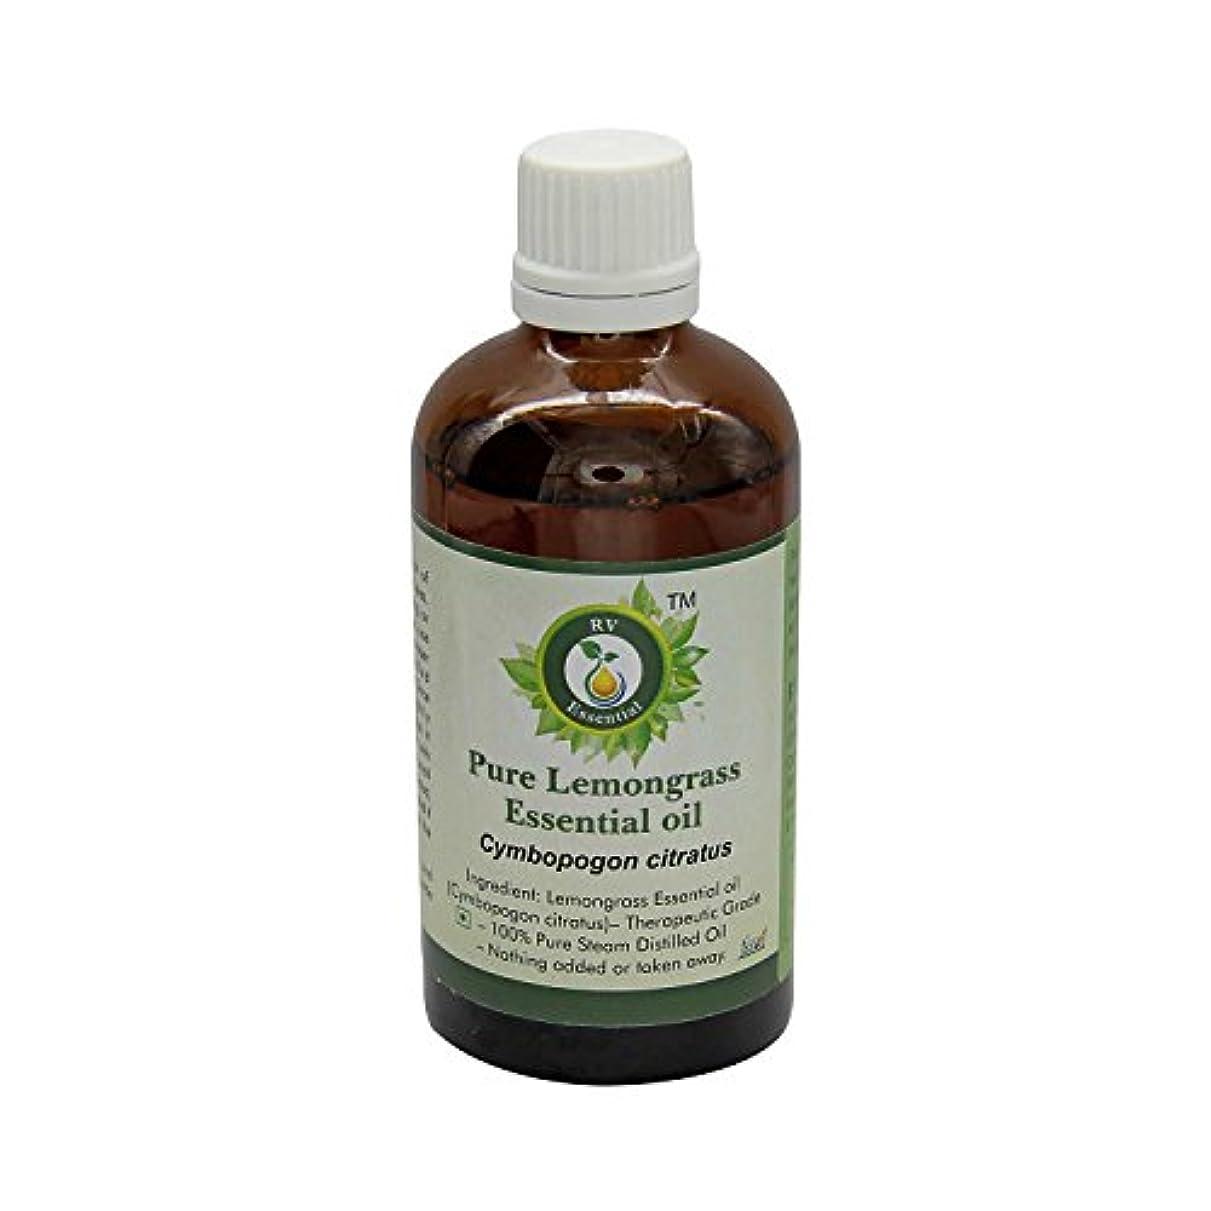 海峡ひも大通りほぼR V Essential ピュアレモングラスエッセンシャルオイル100ml (3.38oz)- Cymbopogon Citratus (100%純粋&天然スチームDistilled) Pure Lemongrass...